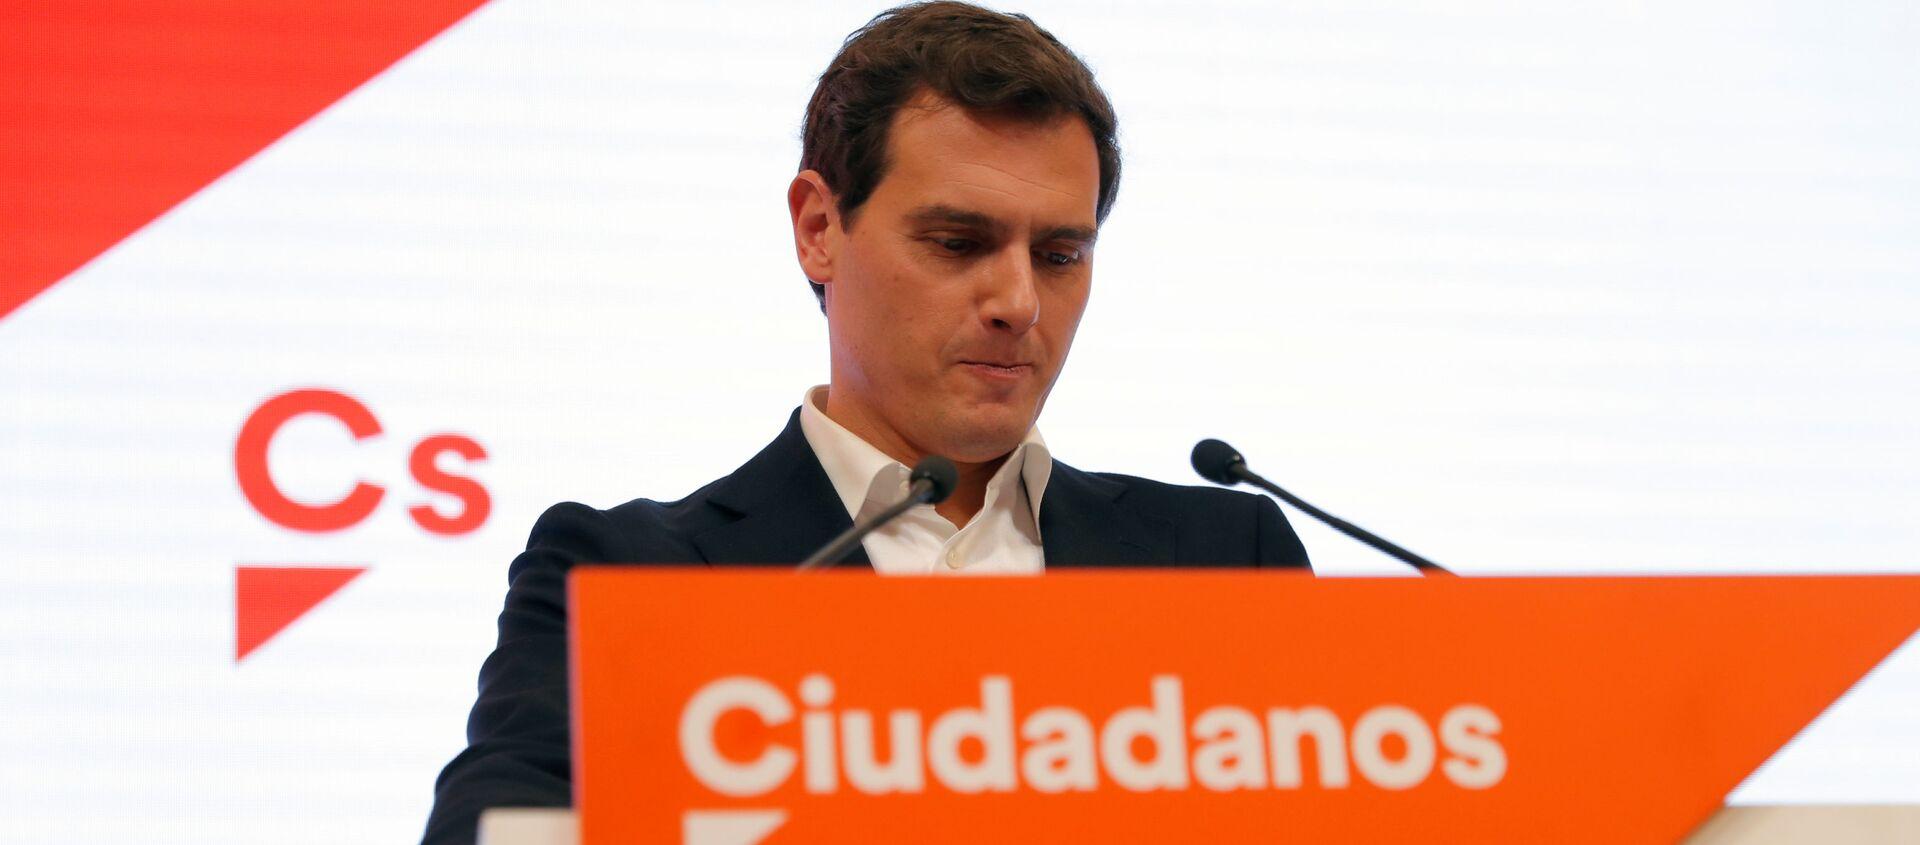 Albert Rivera, exlíder del partido político español Ciudadanos - Sputnik Mundo, 1920, 11.11.2019